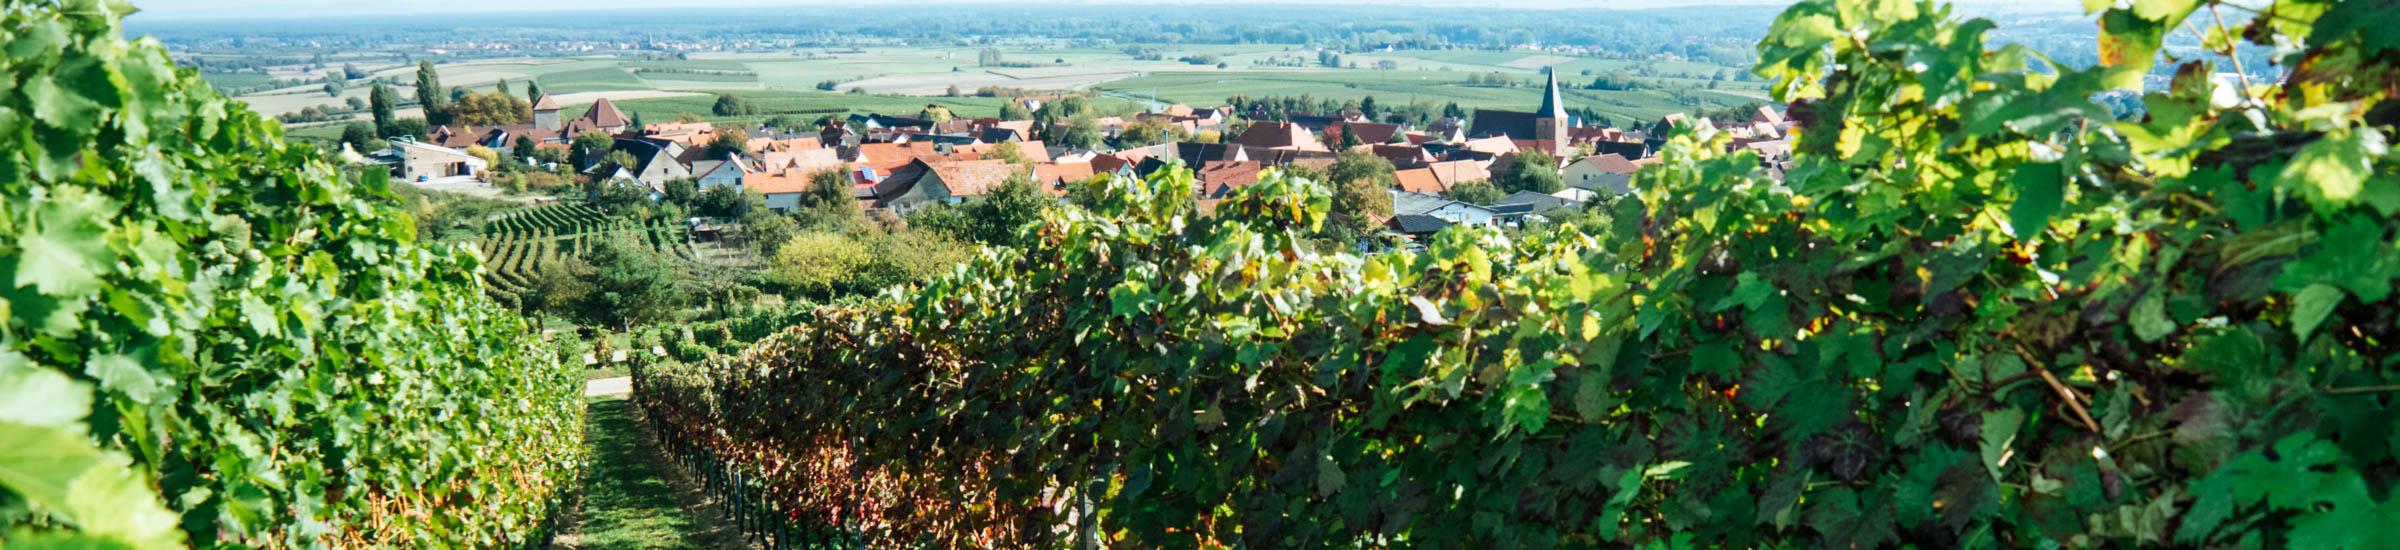 Weinberge in der Pfalz mit Blick auf eine kleine Ortschaft – Deutsche Weinstraße